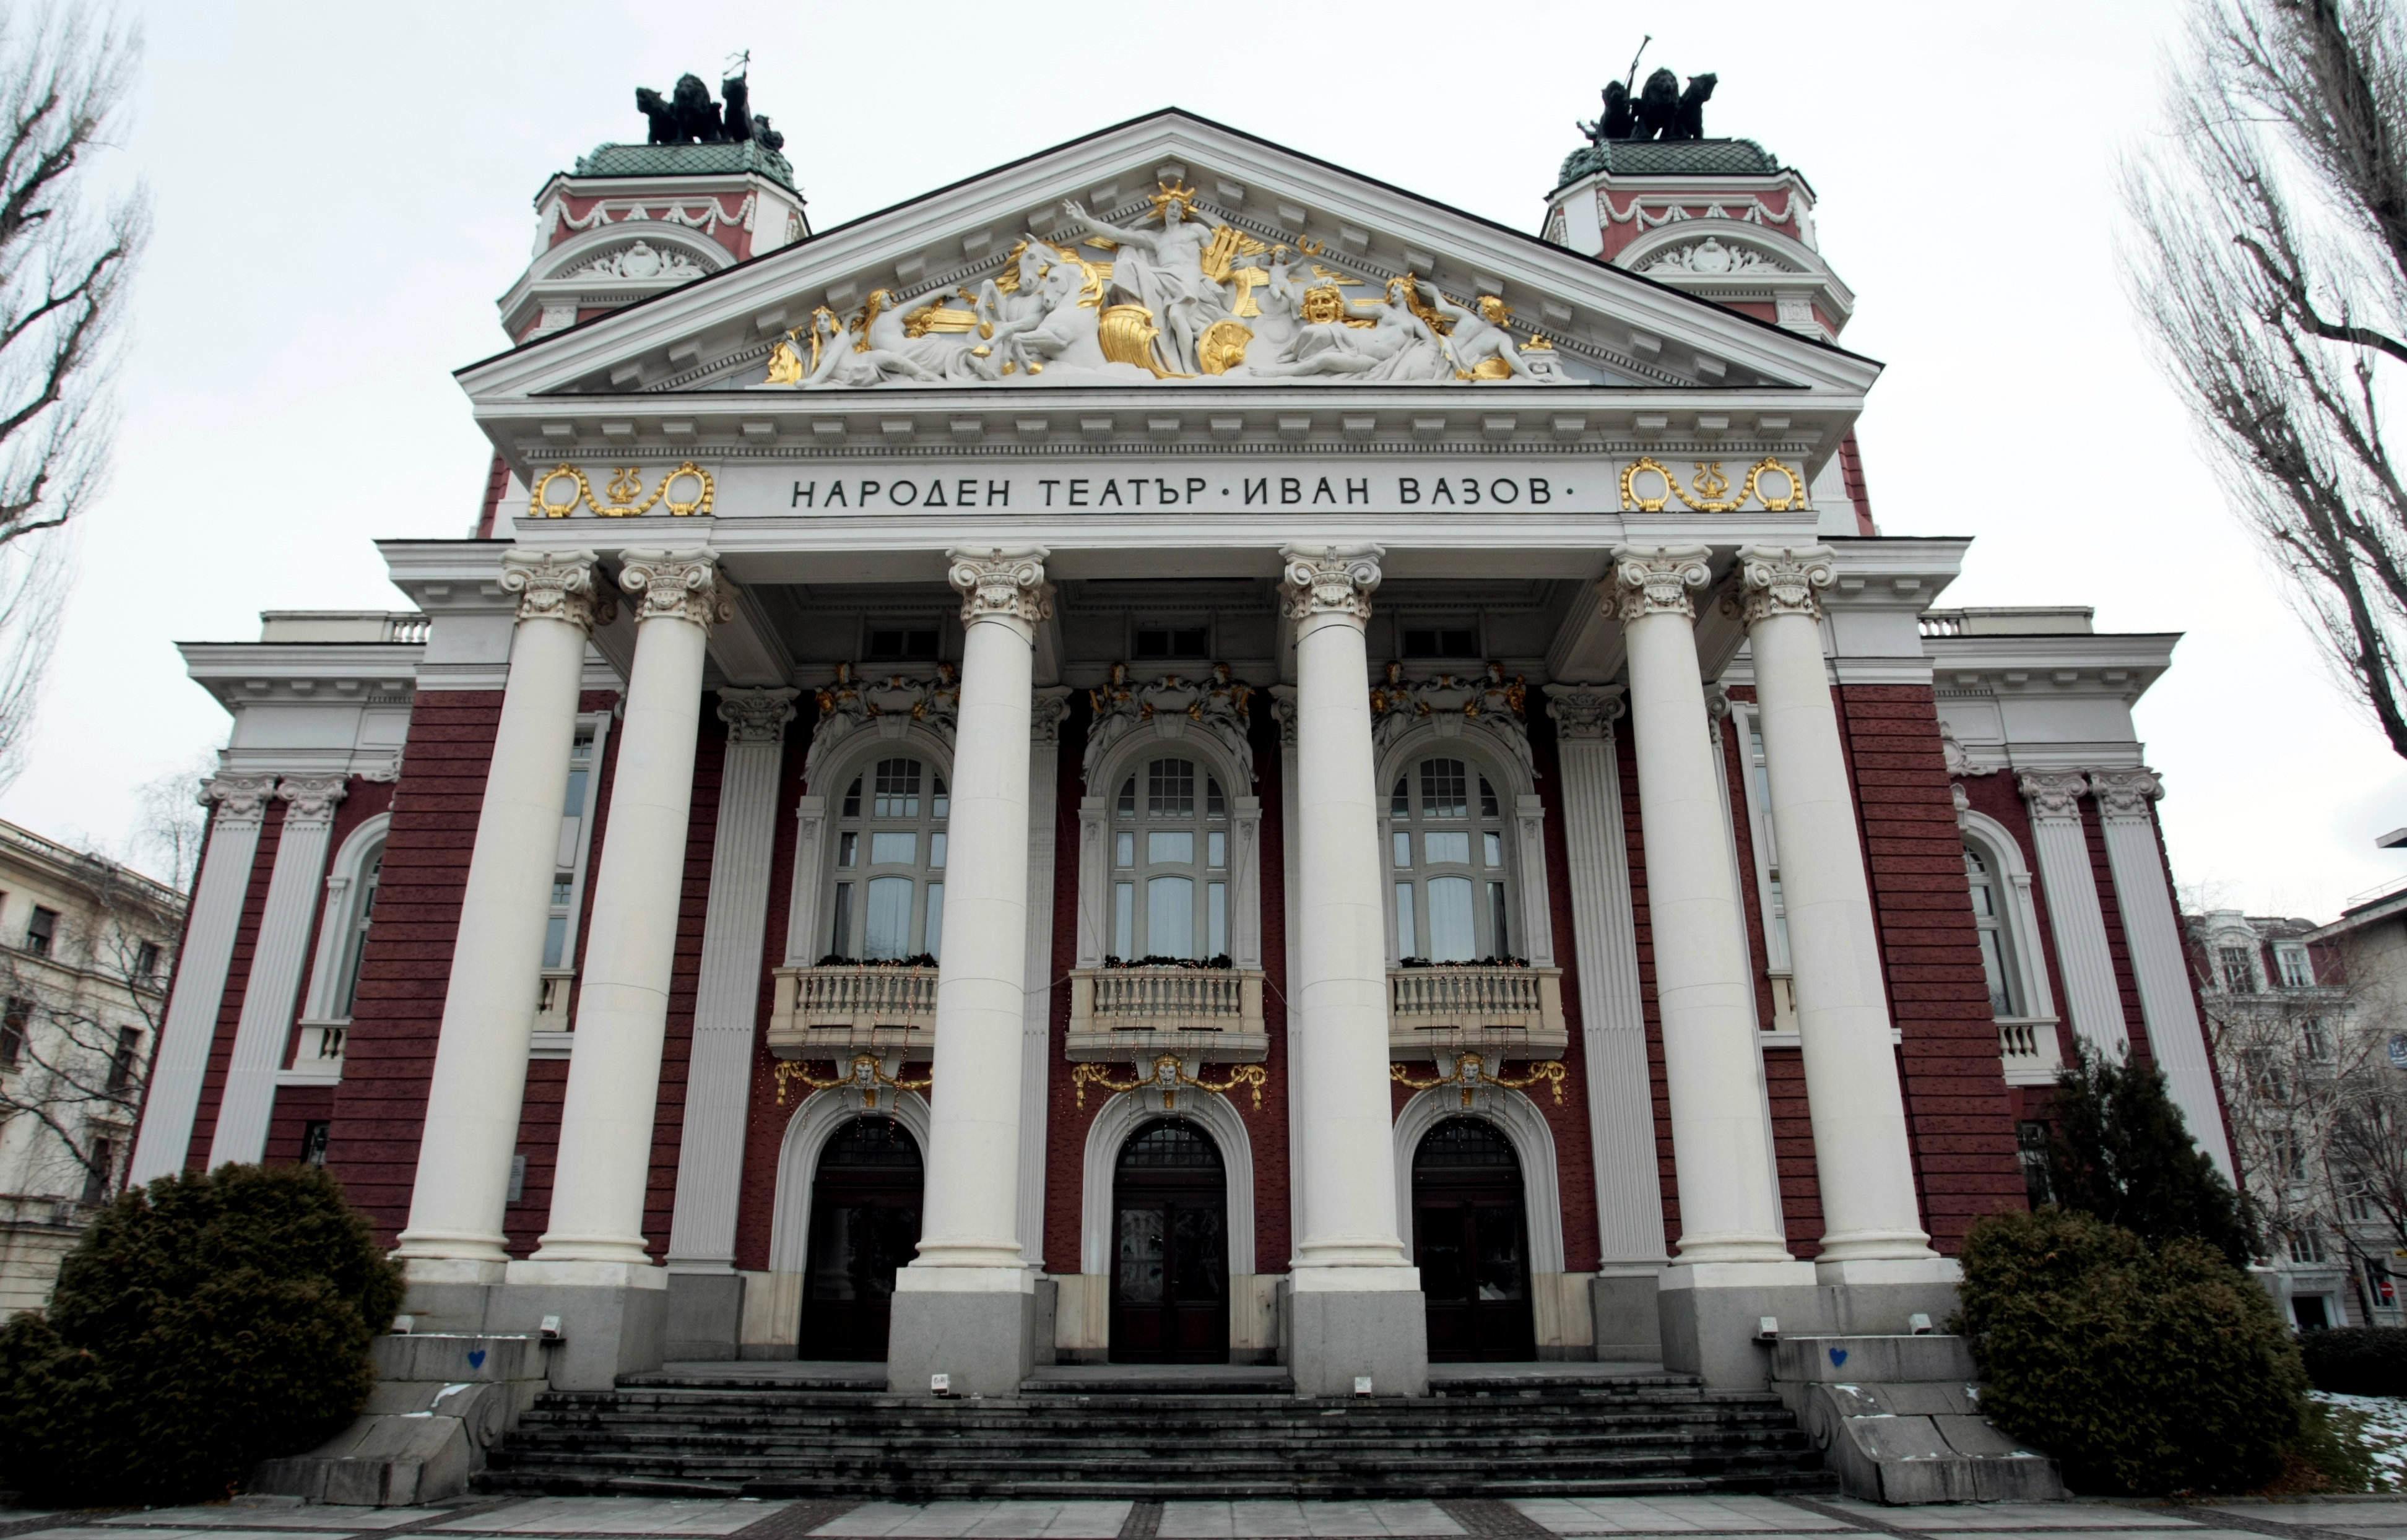 Сградата на Народния театър допринася за усещането за аристократичност и допълва духа на Стара София, който е основна част от атмосферата в парка.